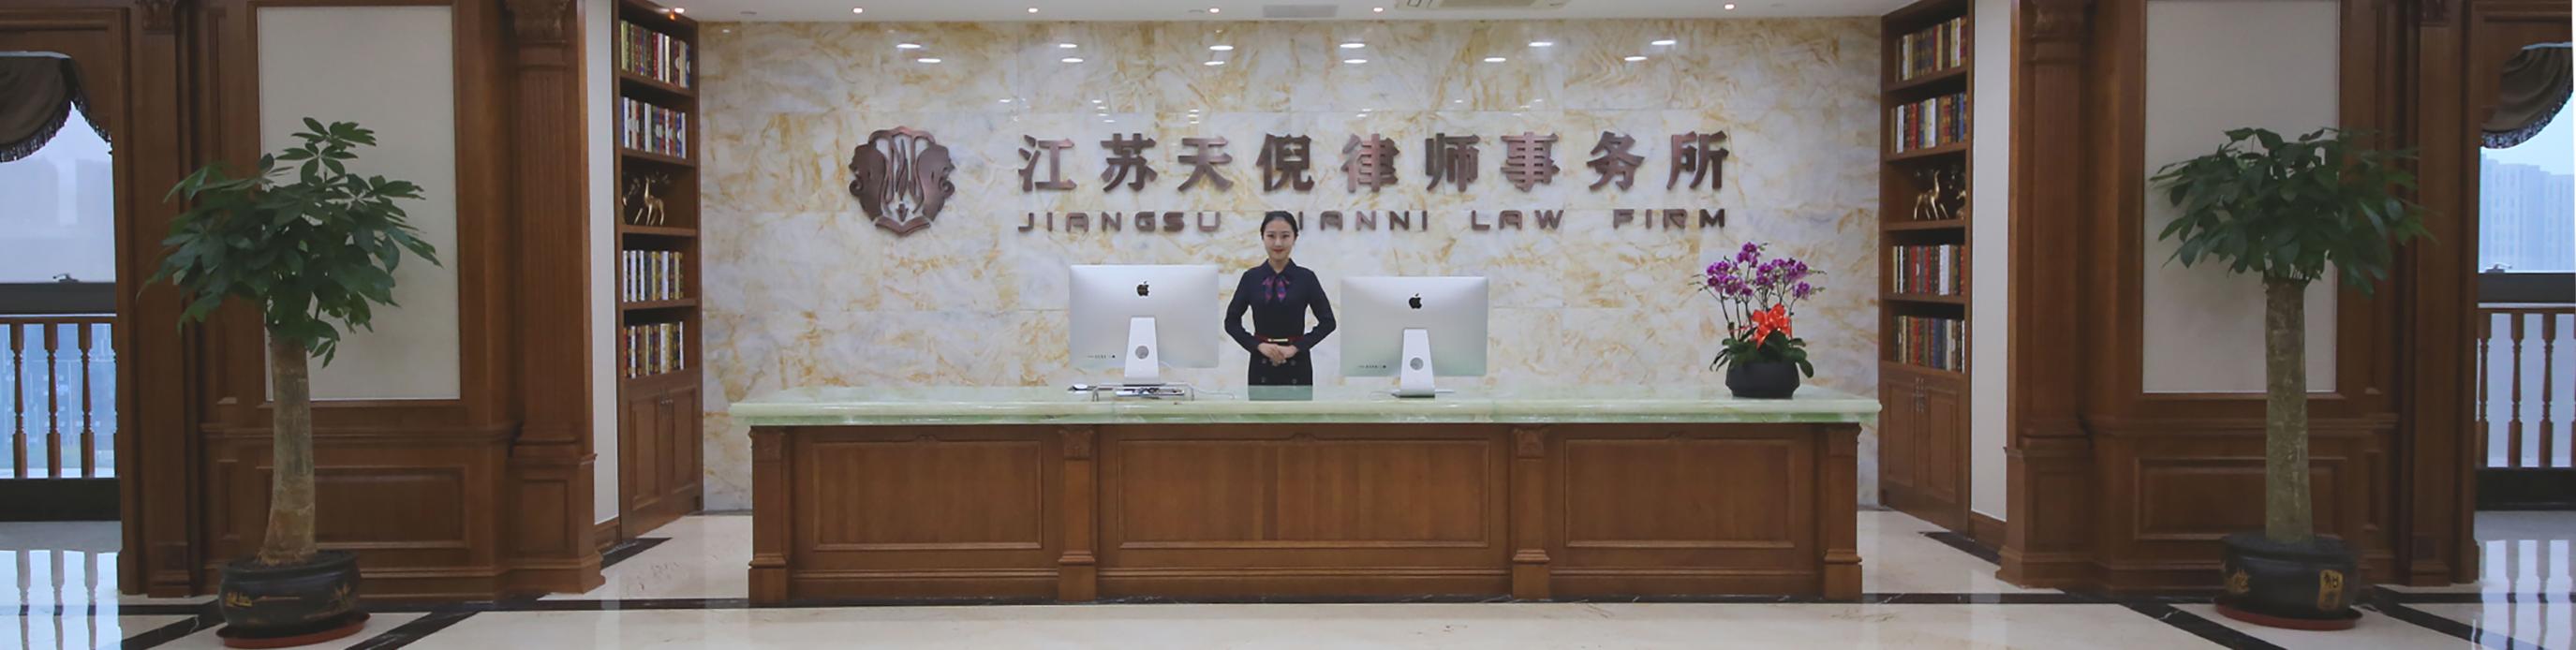 理婚律师团队 -南京离婚律师韦红露律师